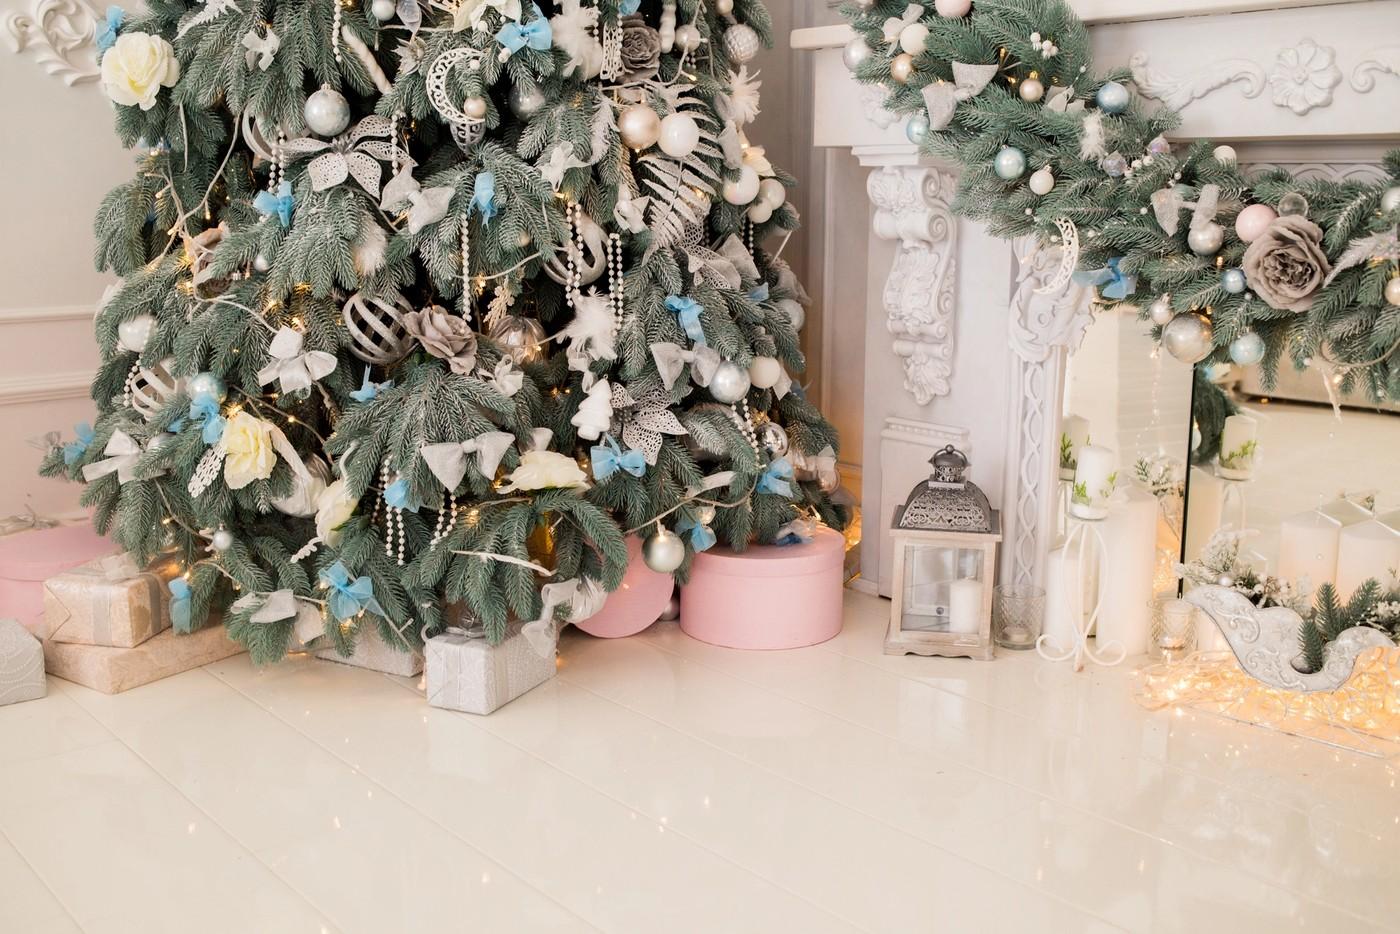 Des cadeaux sous le sapin de Noël